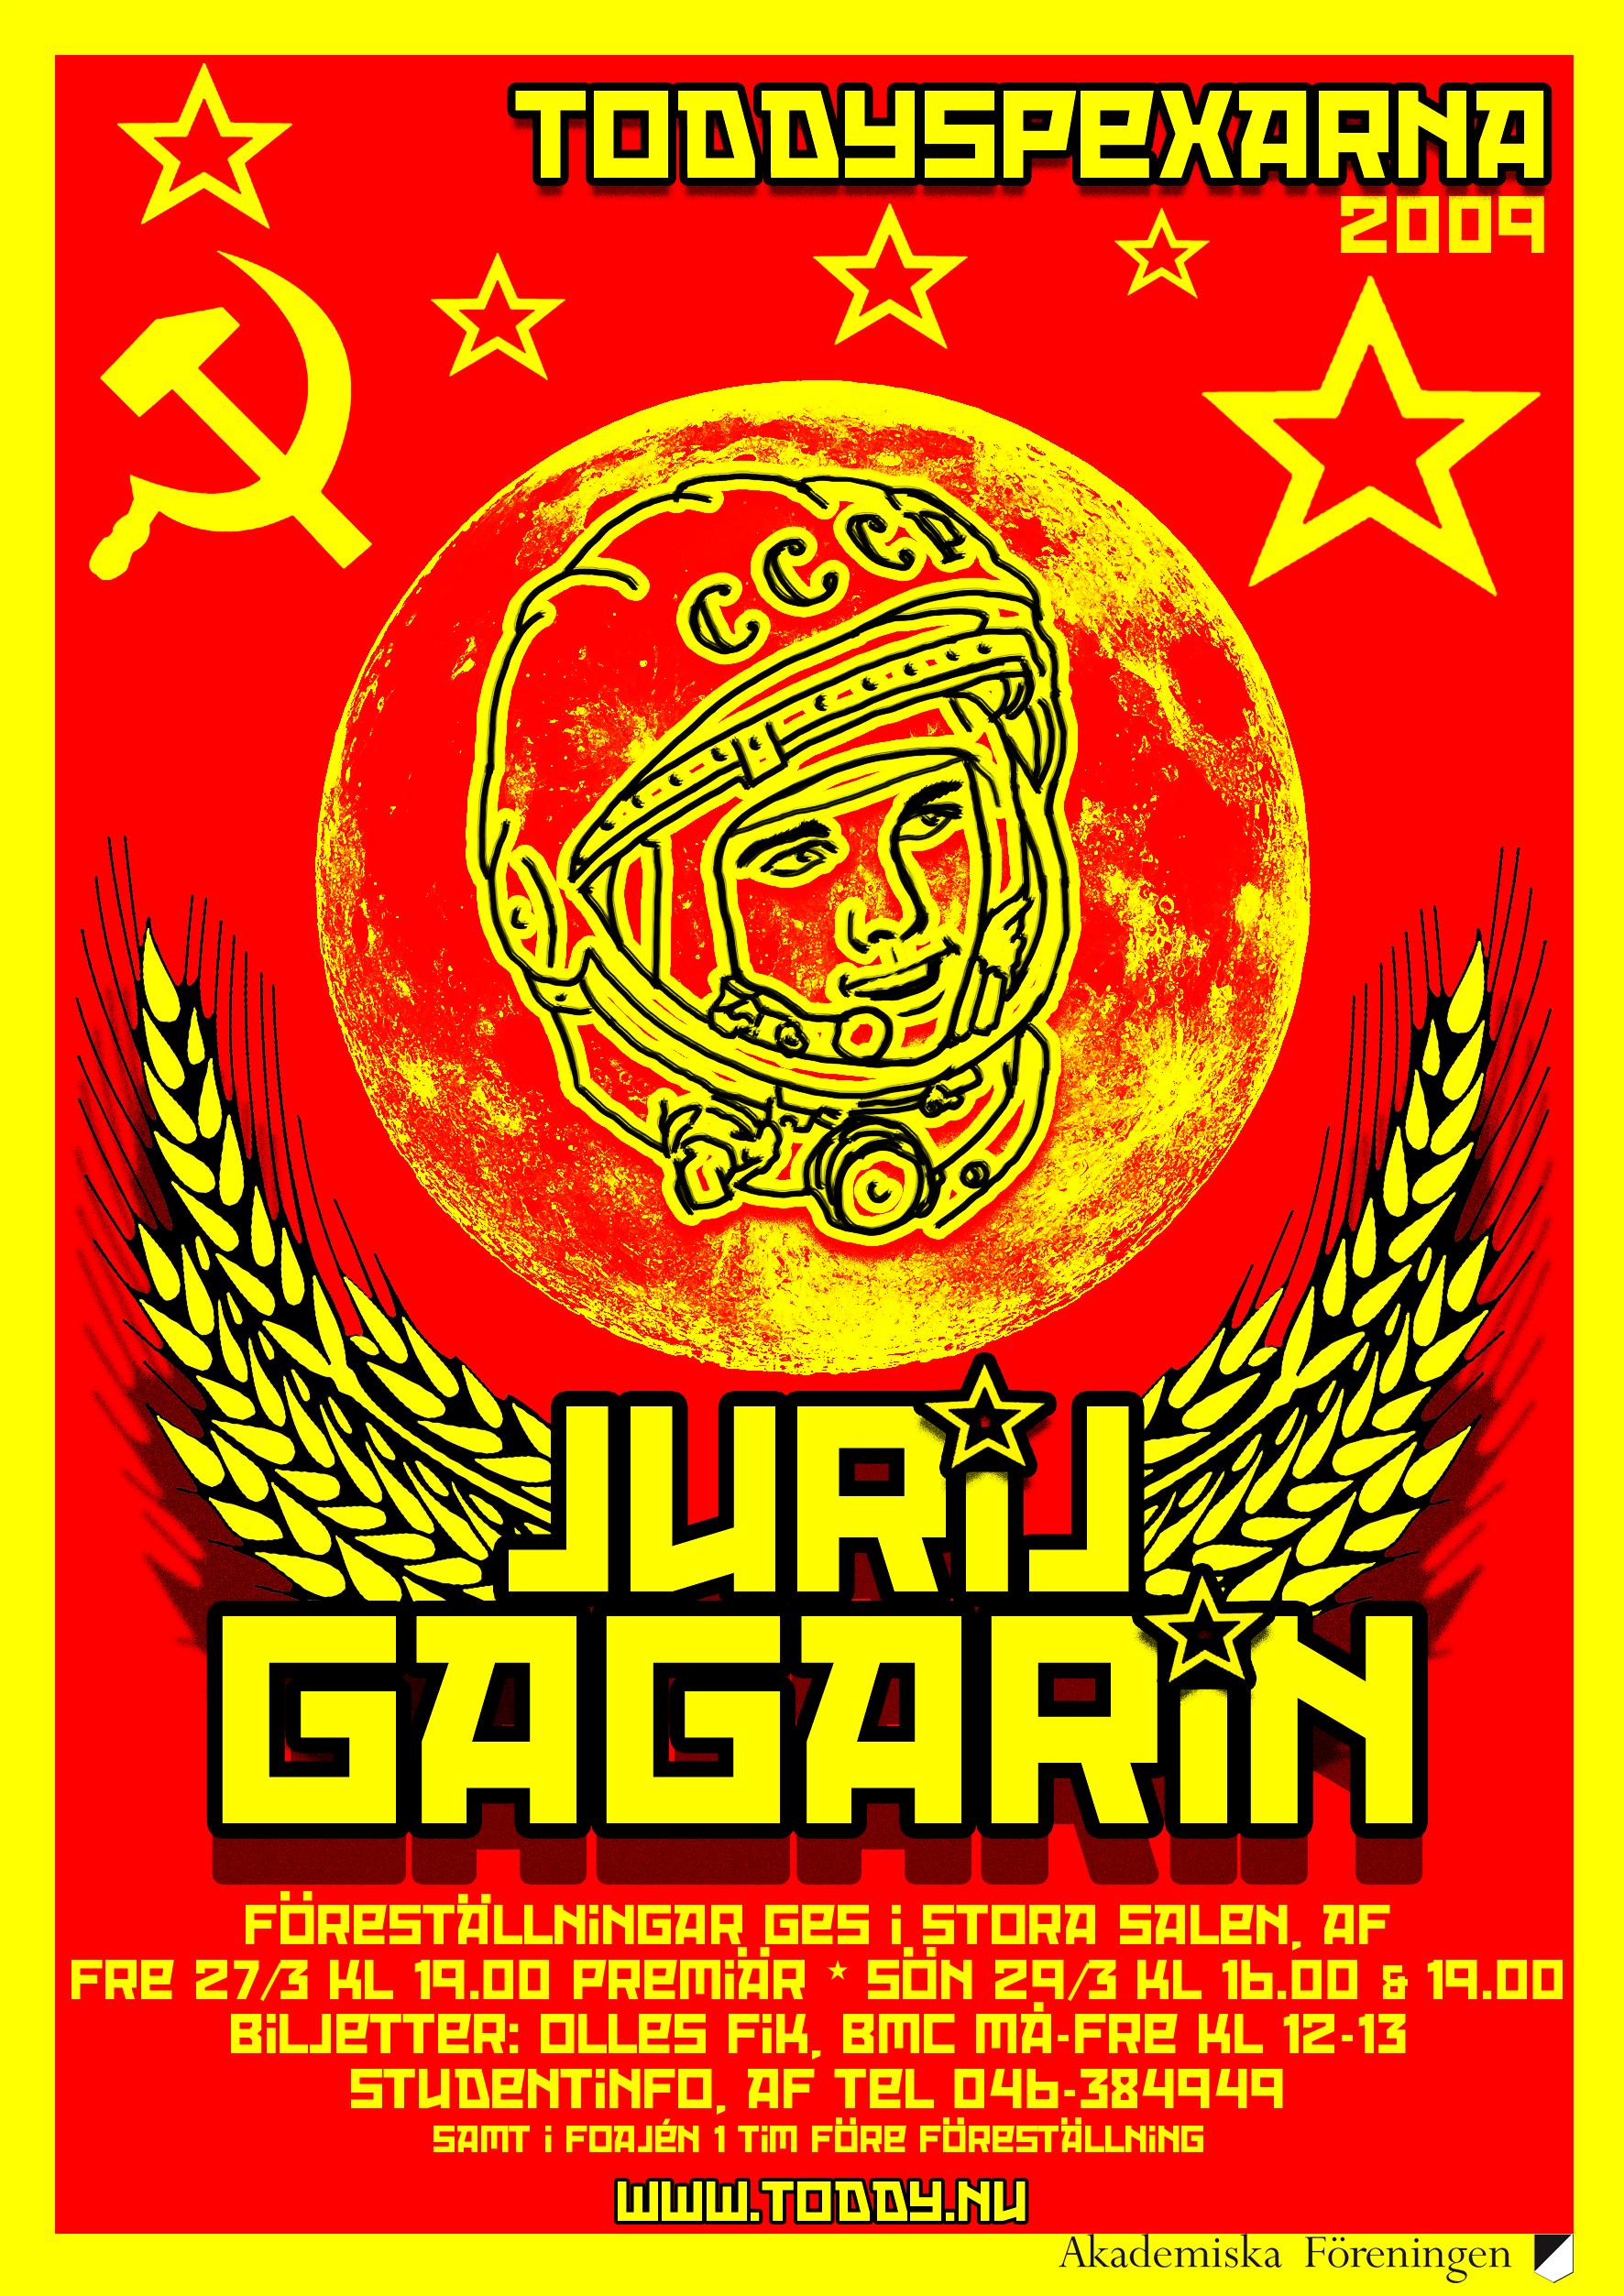 2009 Jurij Gagarin